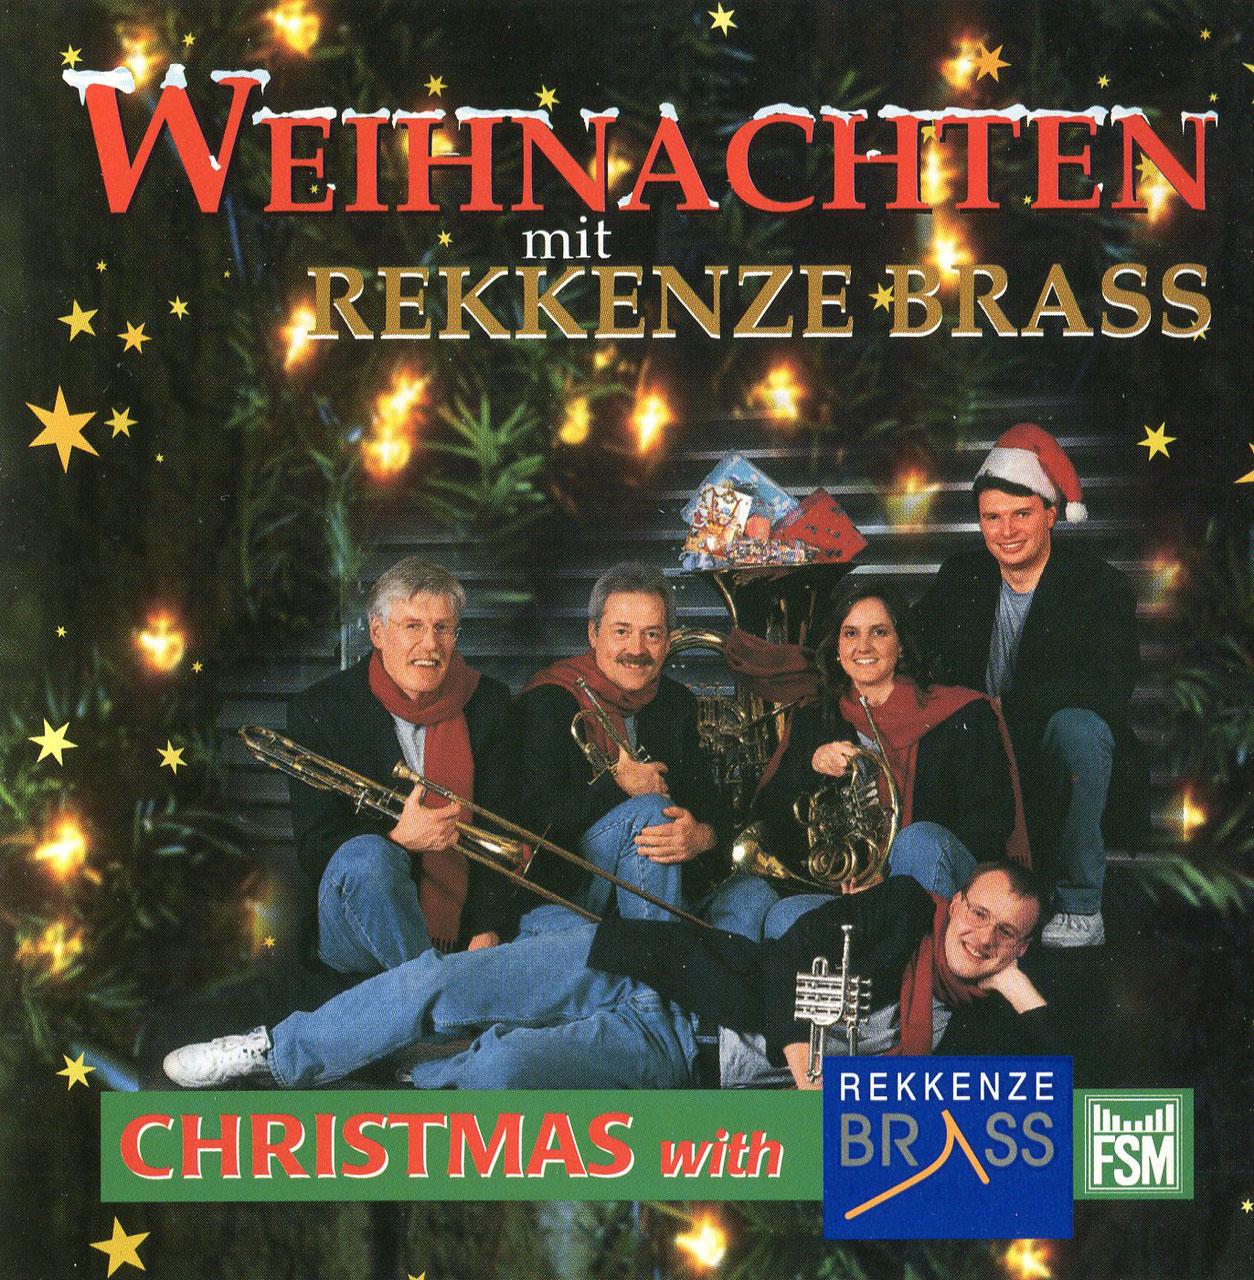 Cd Weihnachten.Cd Weihnachten Mit Rekkenze Brass